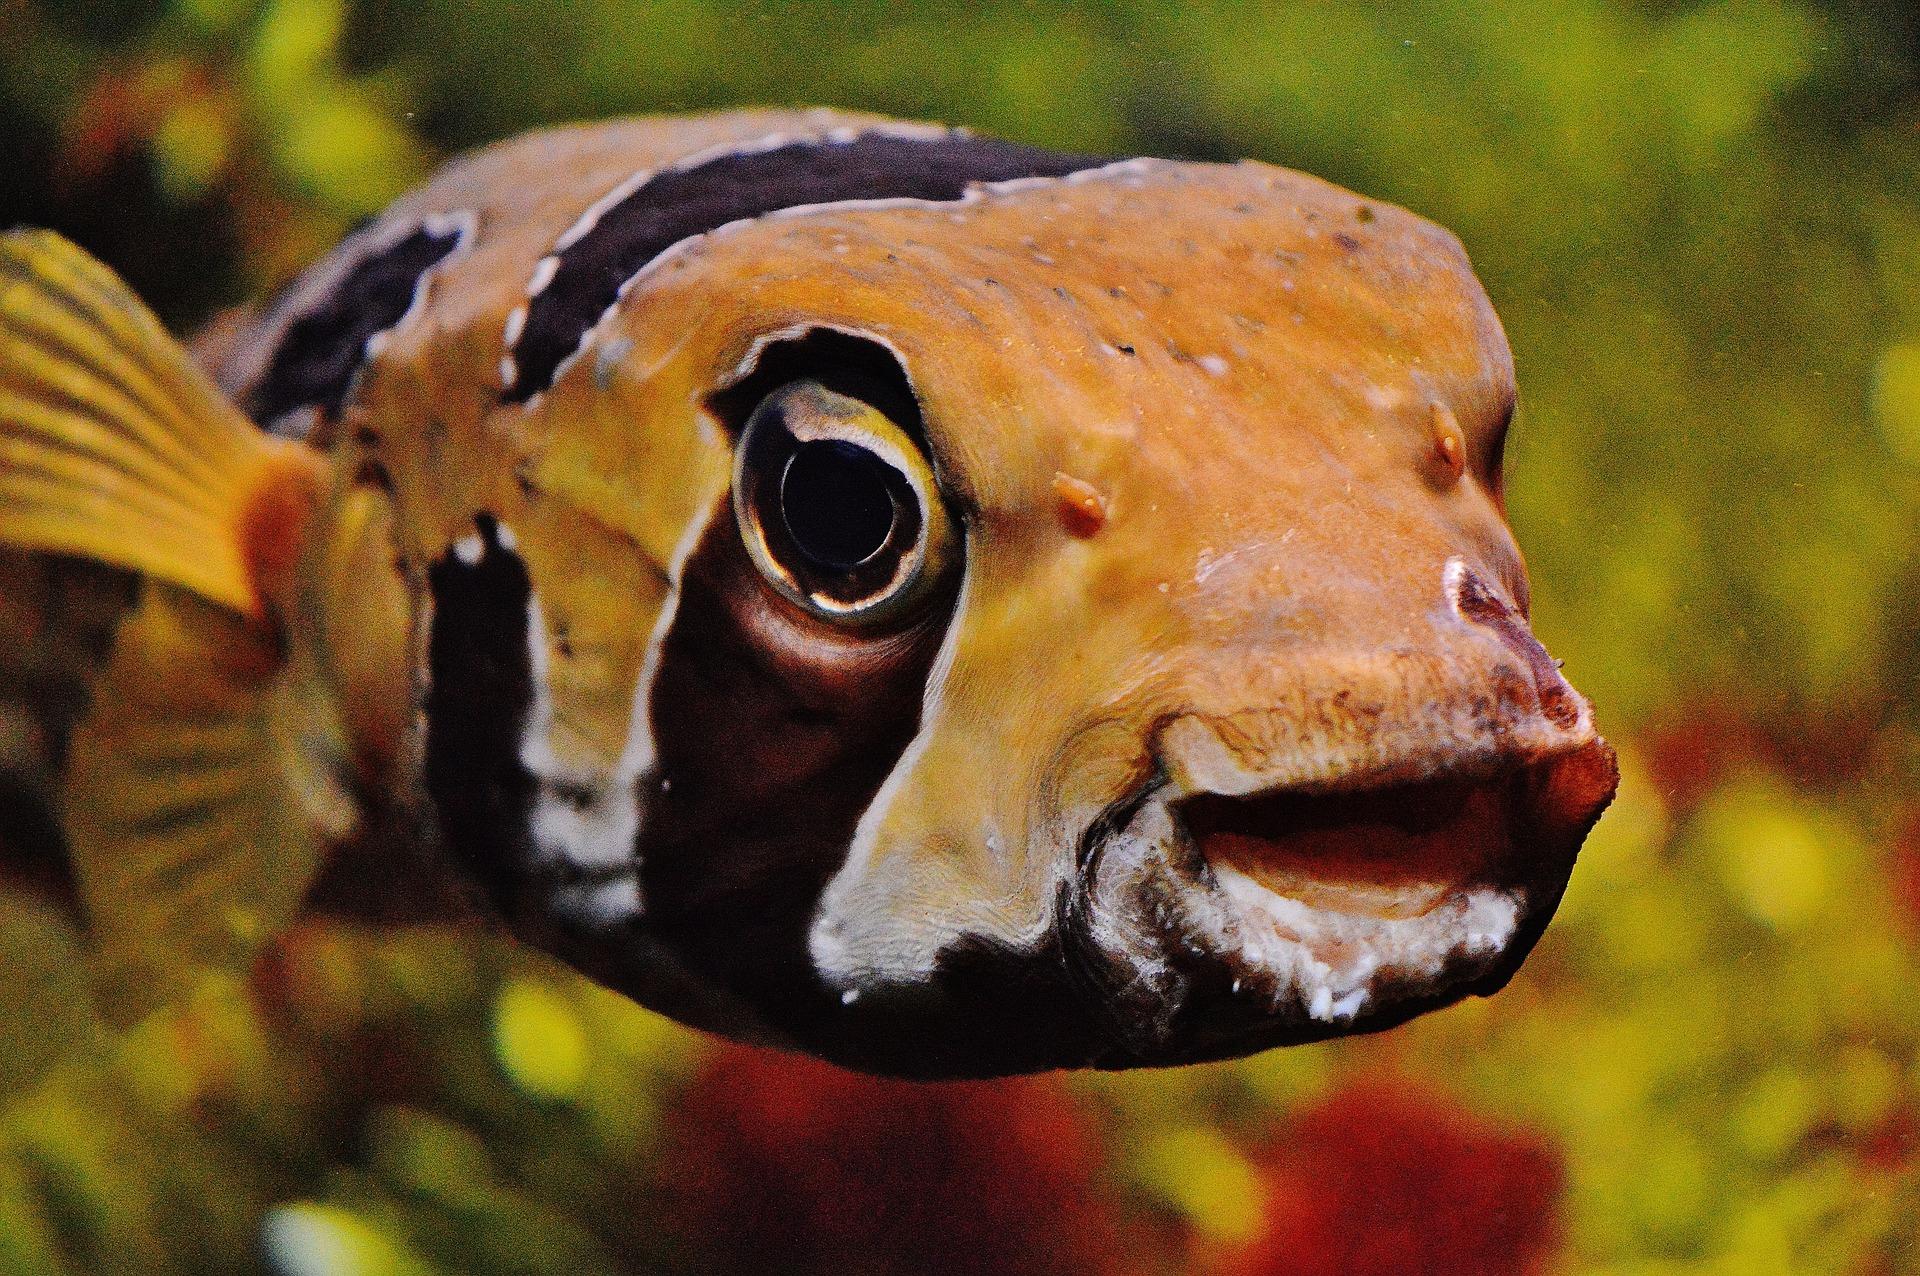 En orange-svart randig fisk i ett akvarium